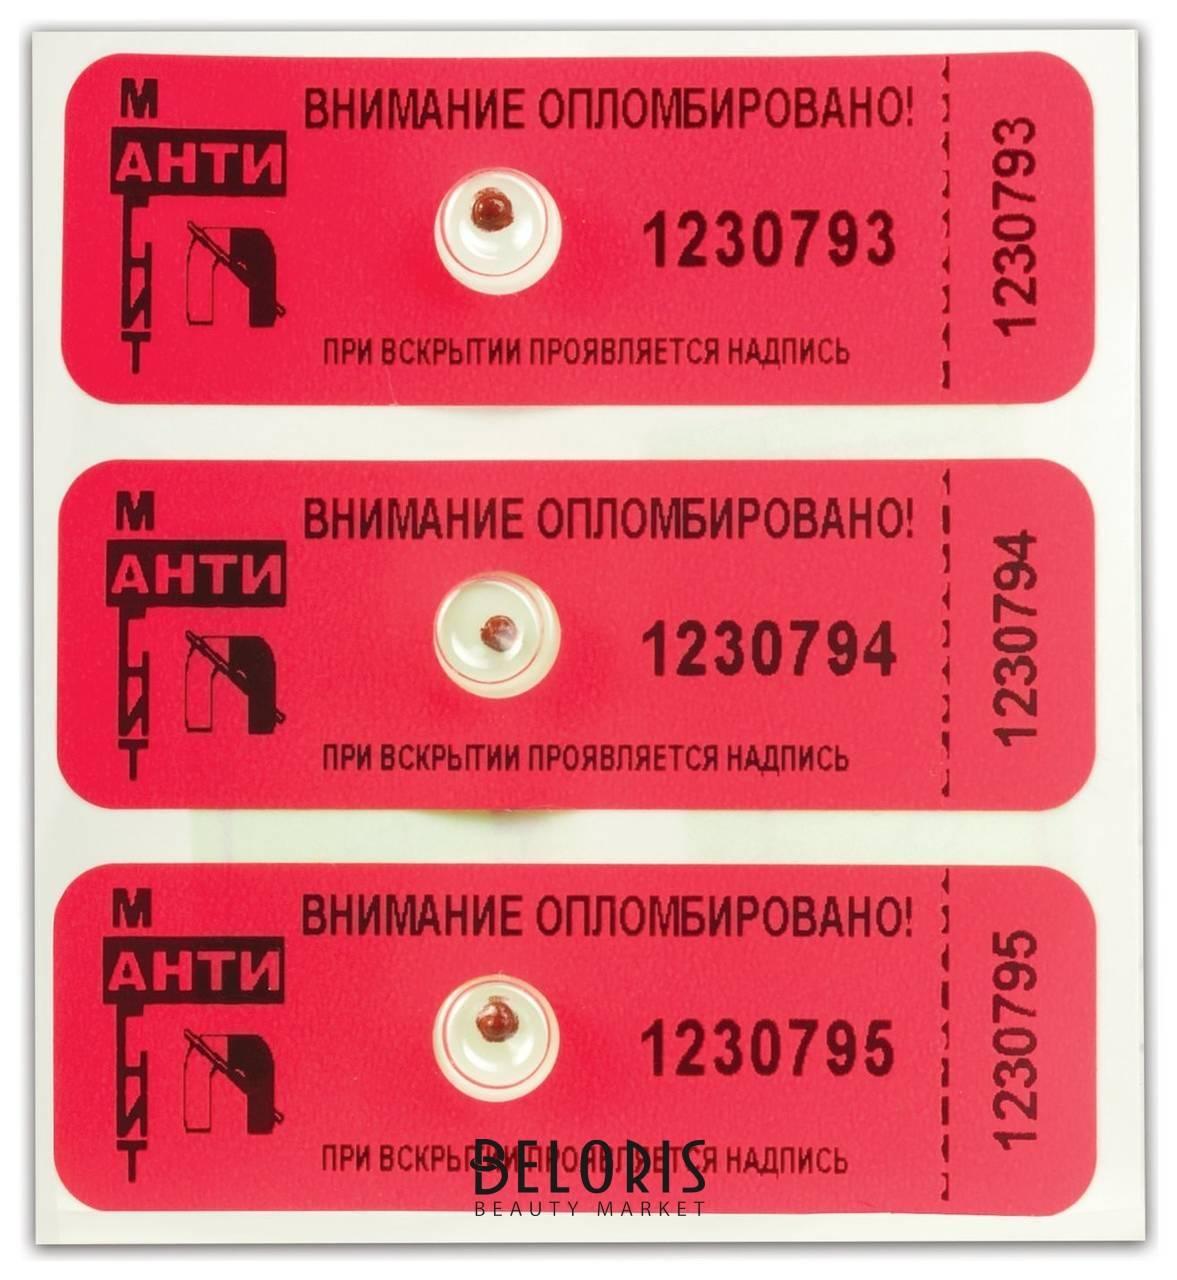 Пломбы самоклеящиеся номерные Антимагнит, для счетчиков, комплект 100 шт., 66 мм х 22 мм, красные Спецконтроль